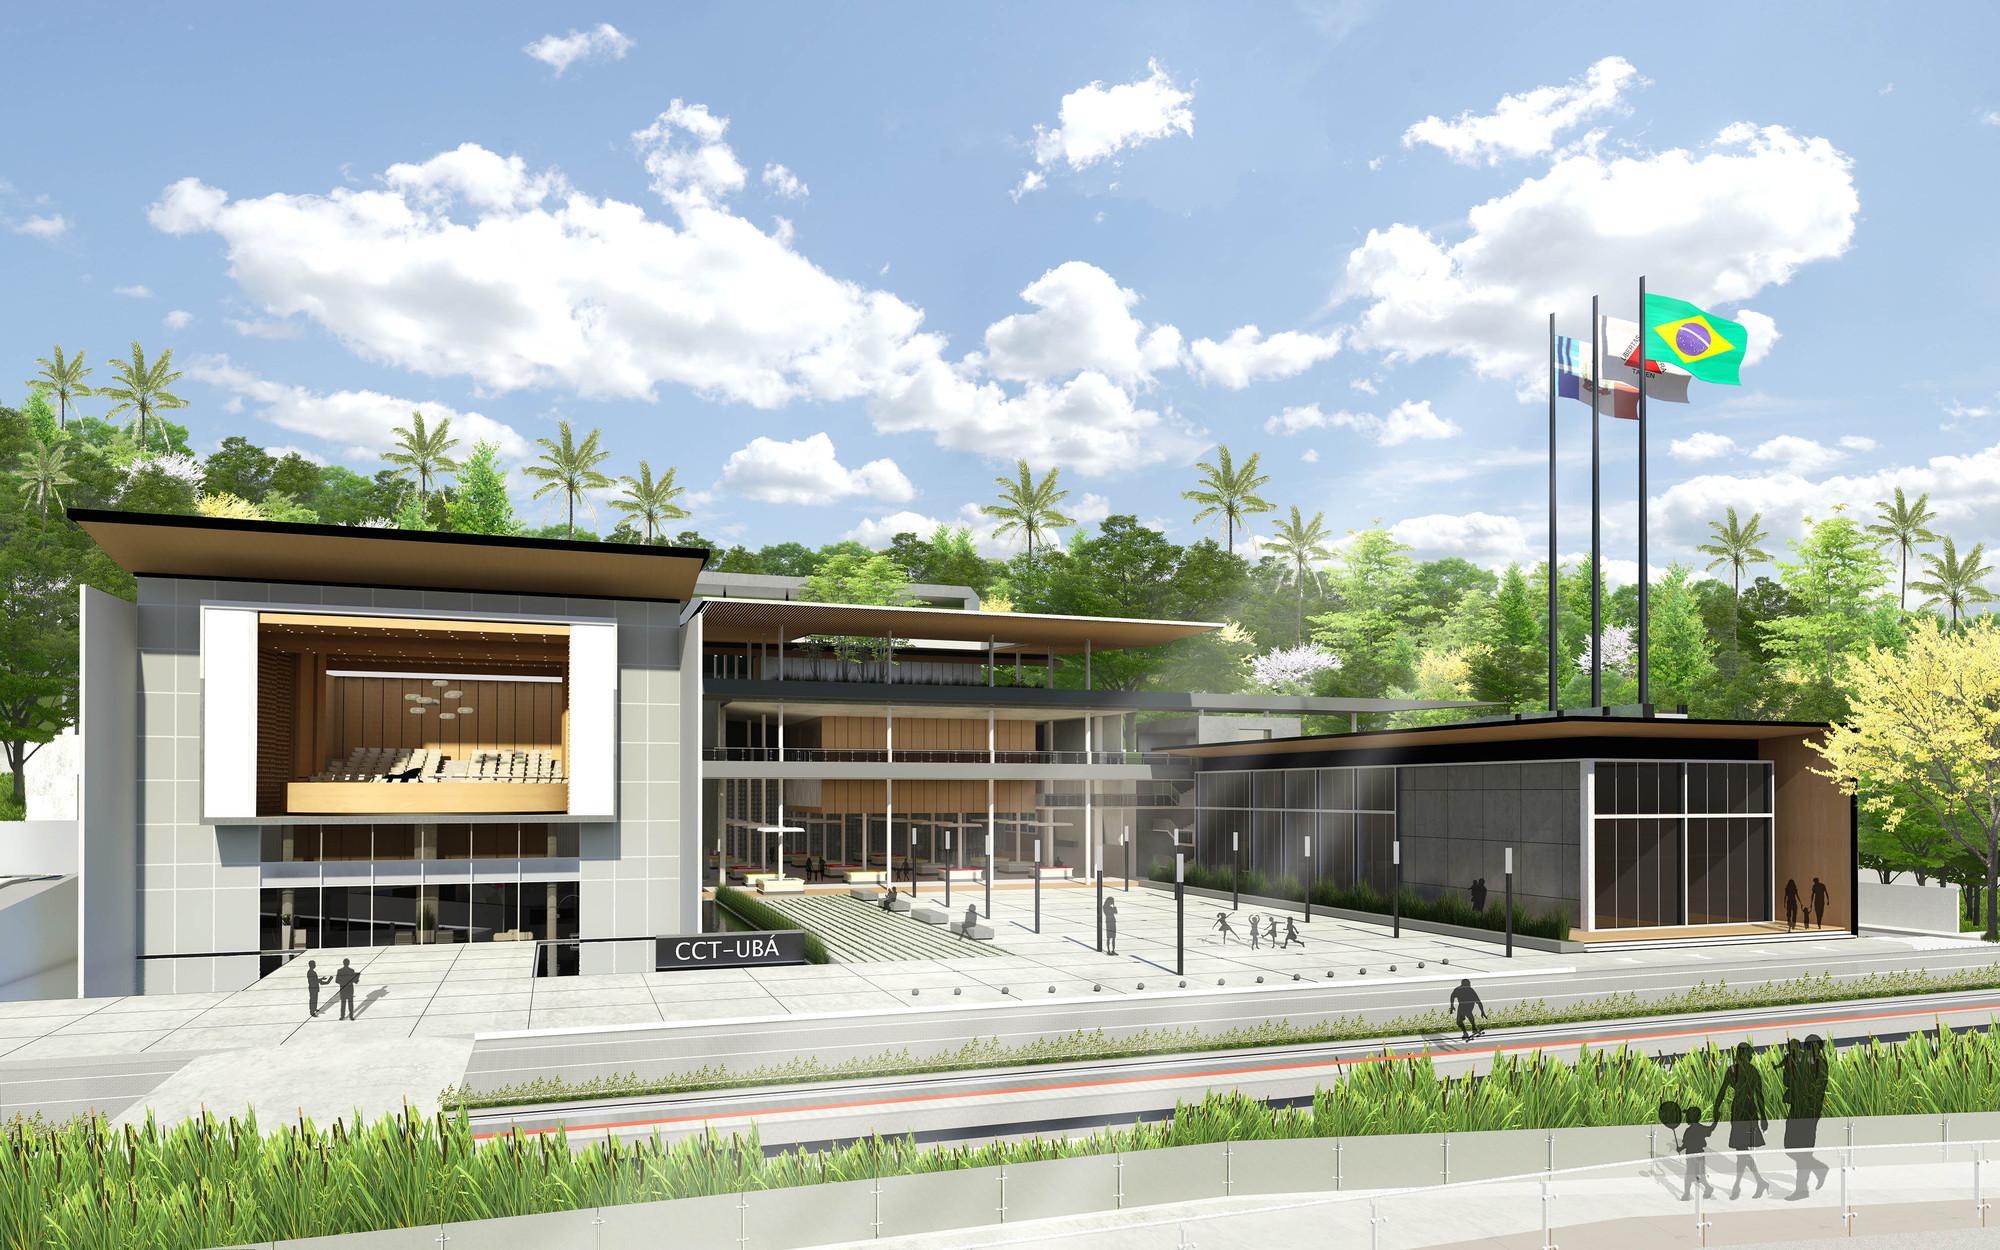 Vencedor da II Bienal da Zona da Mata Mineira - Complexo Cultural e Turístico de Ubá / Arsenic Arquitetos Associados, Courtesy of Arsenic Arquitetos Associados